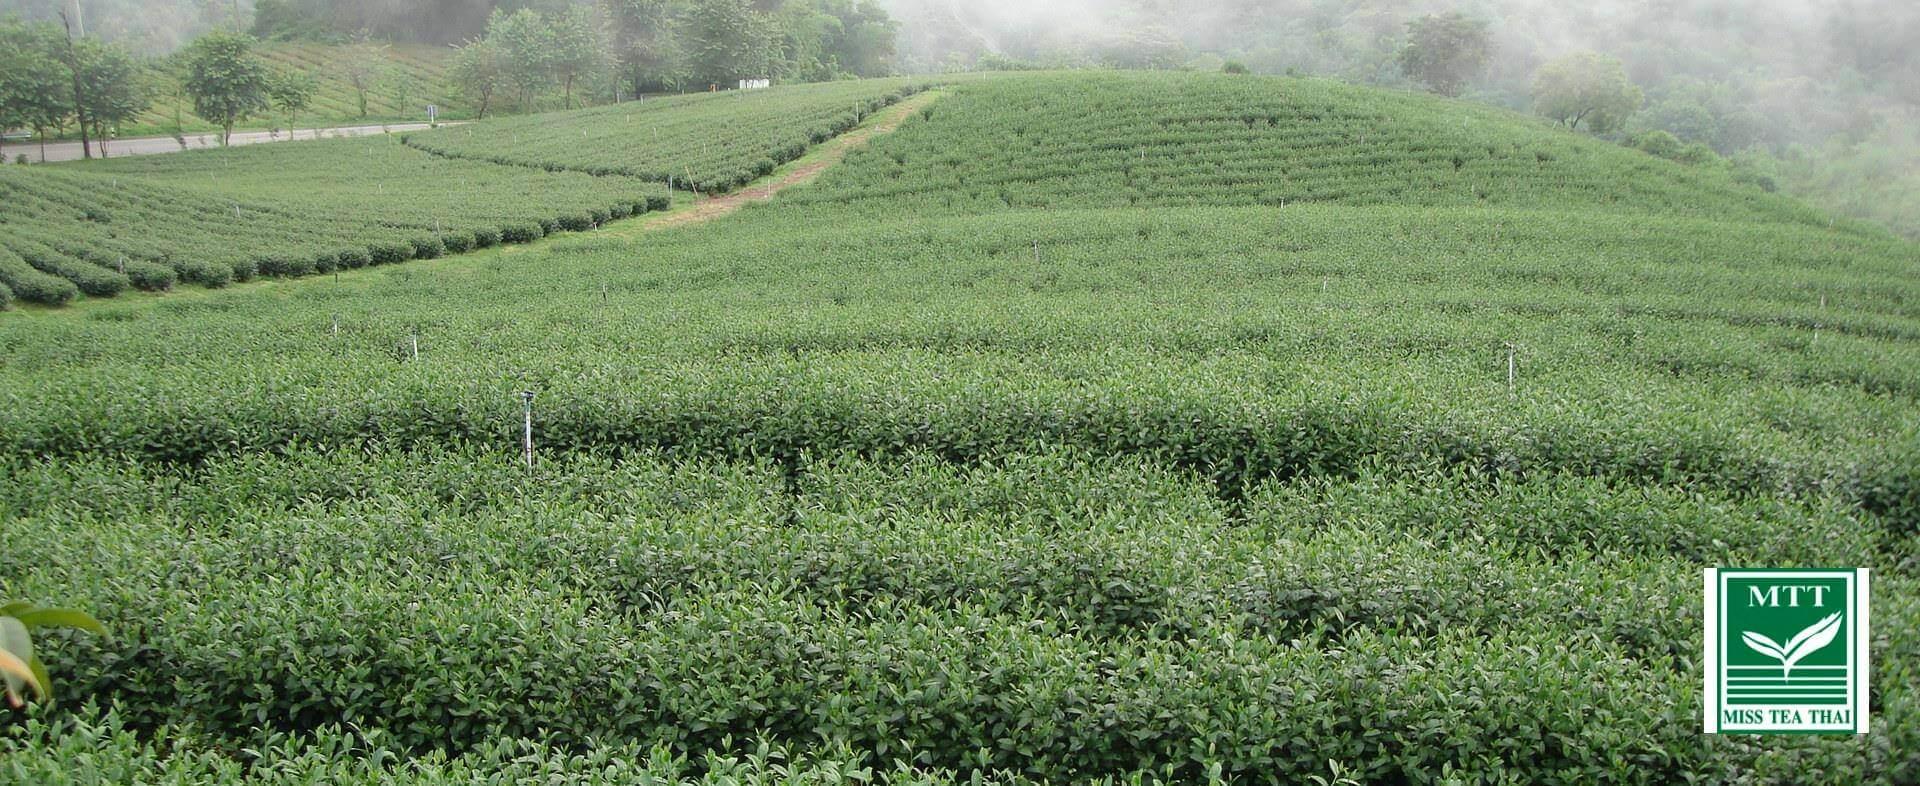 มีสทีไทยเป็นทั้งผู้ผลิตใบชา Miss Tea Thai